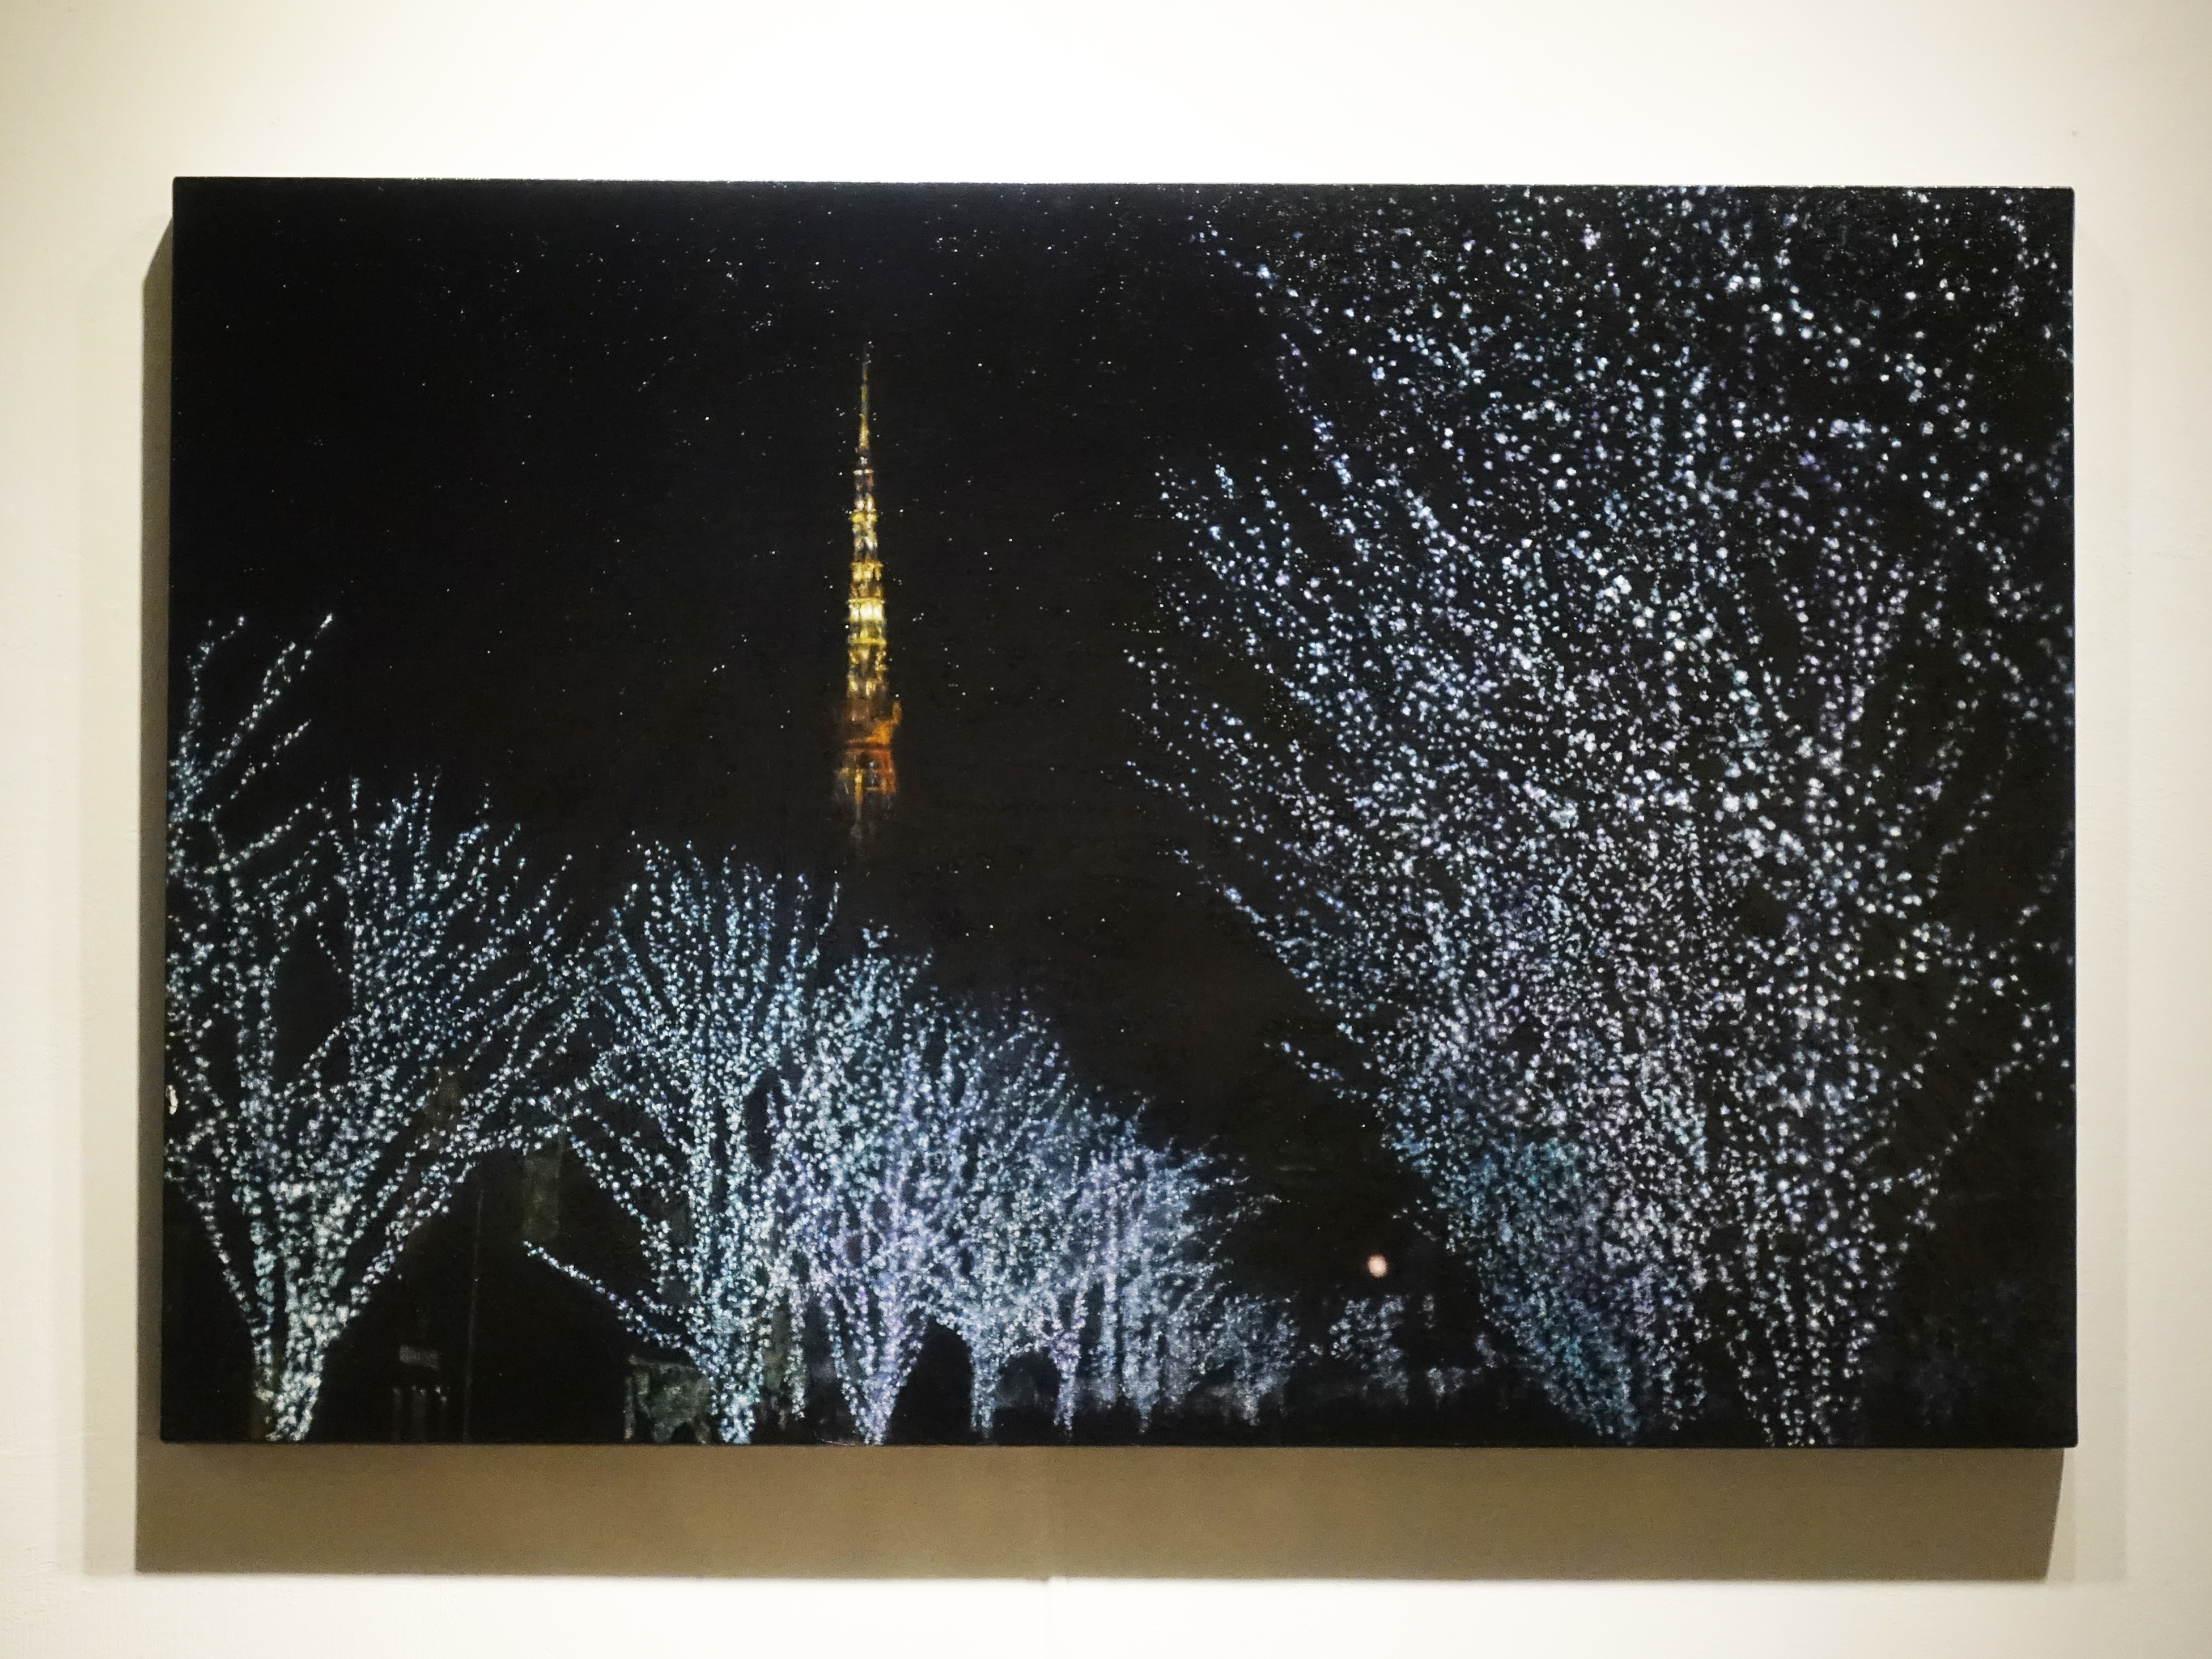 劉韋岑,《冬至-鐵塔》,80x53cm,油彩、畫布,2017。